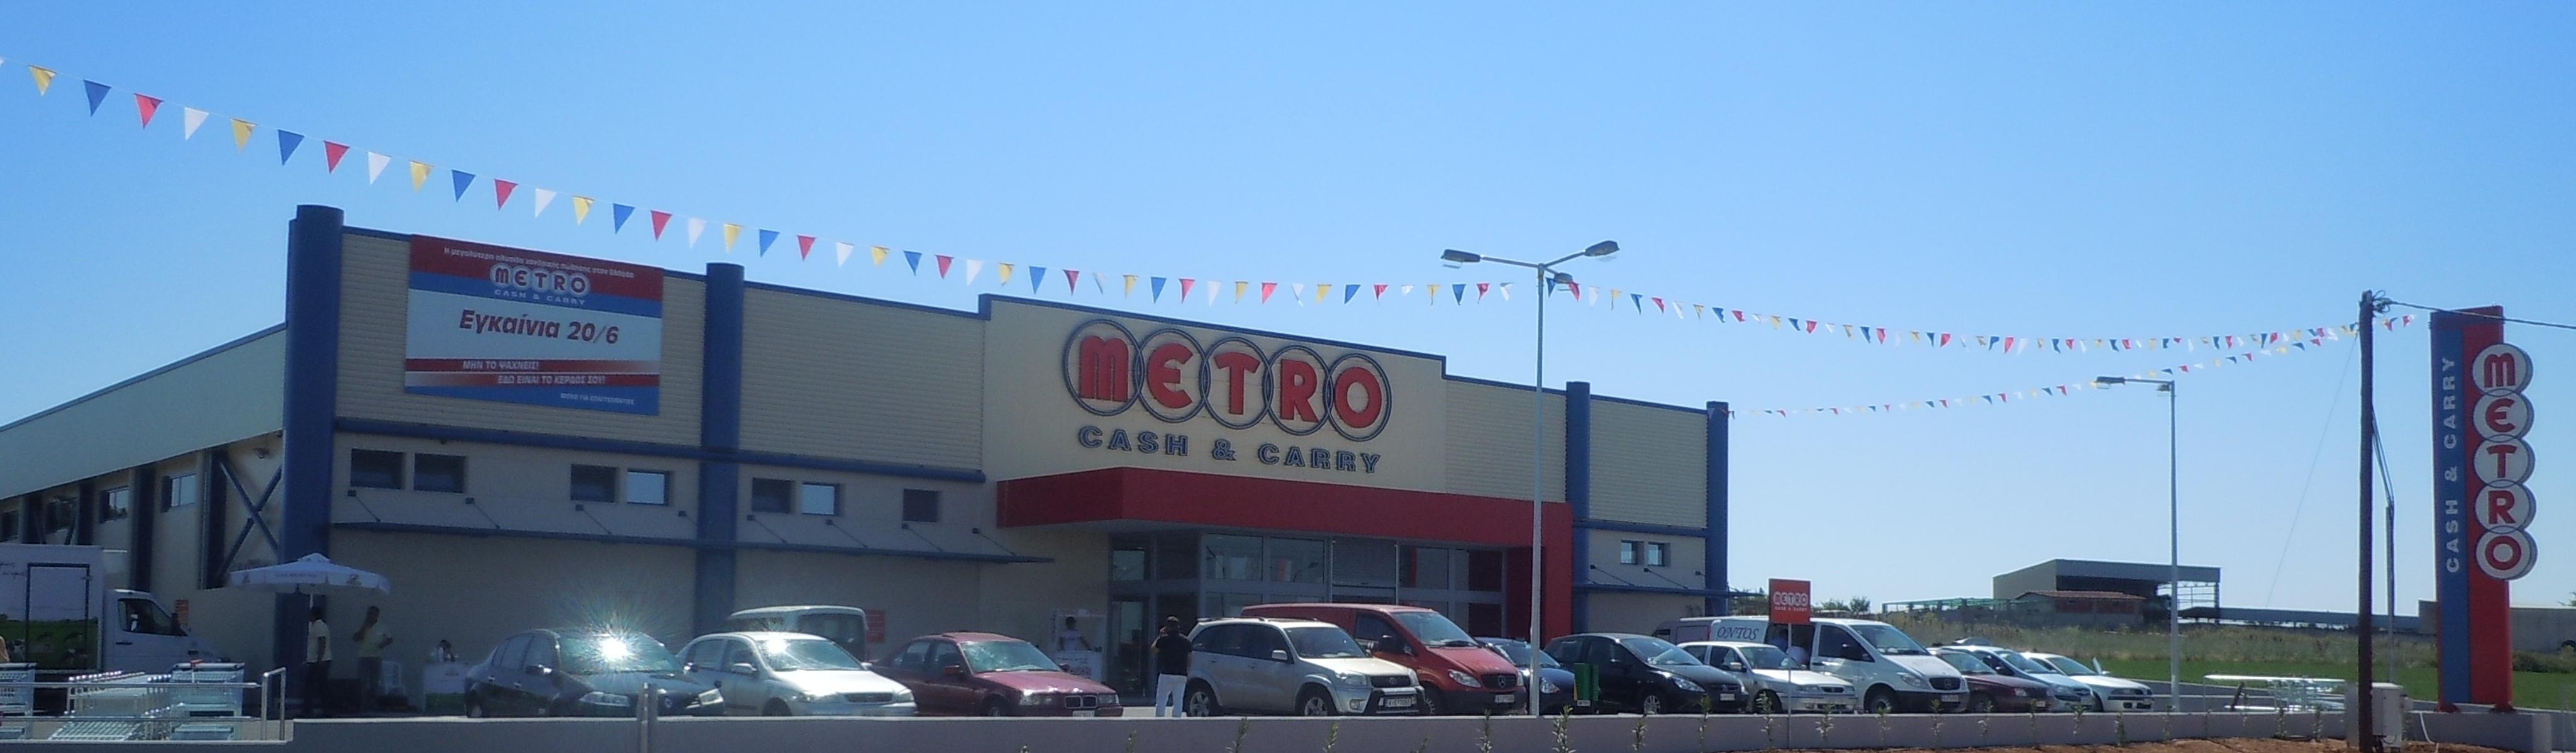 metro cash ad carry Non solo cash scopri la carta di credito metro procard: dilazione di pagamento e raccolta punti  non solo carry scopri tutti i servizi di ordine,.